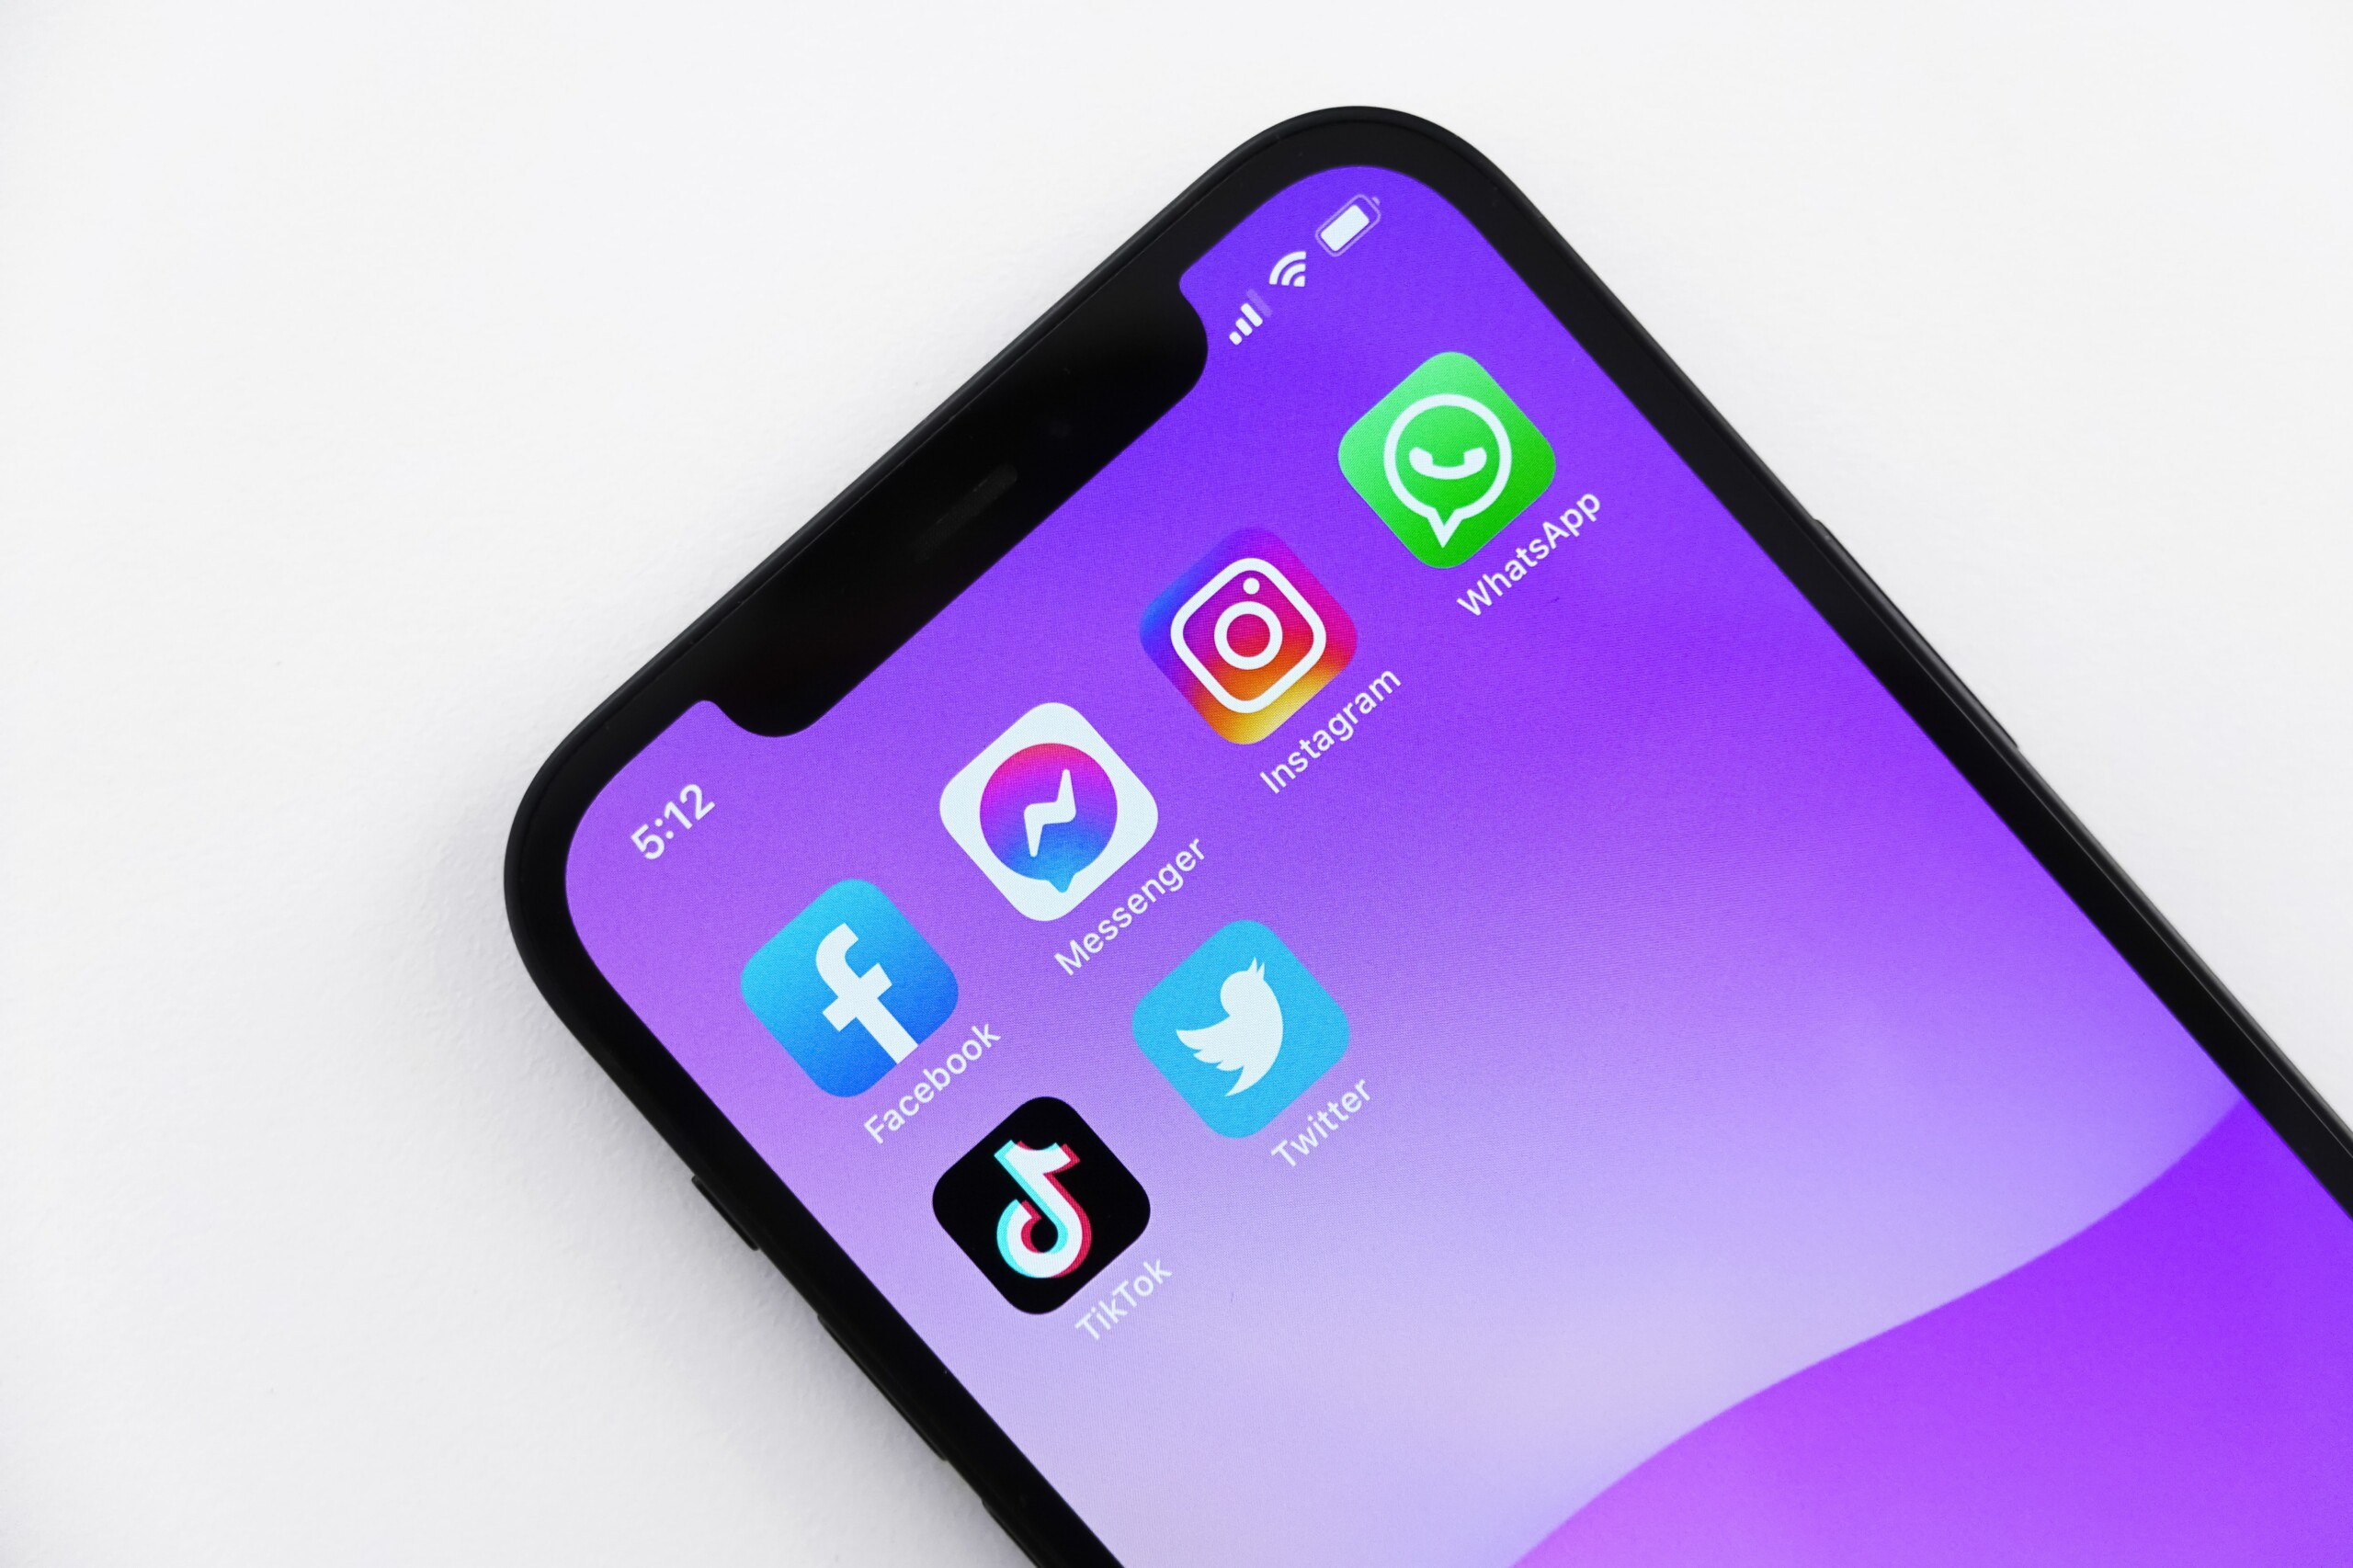 WhatsApp : bonne nouvelle, vos discussions pourront être transférées d'un iPhone vers un smartphone Android